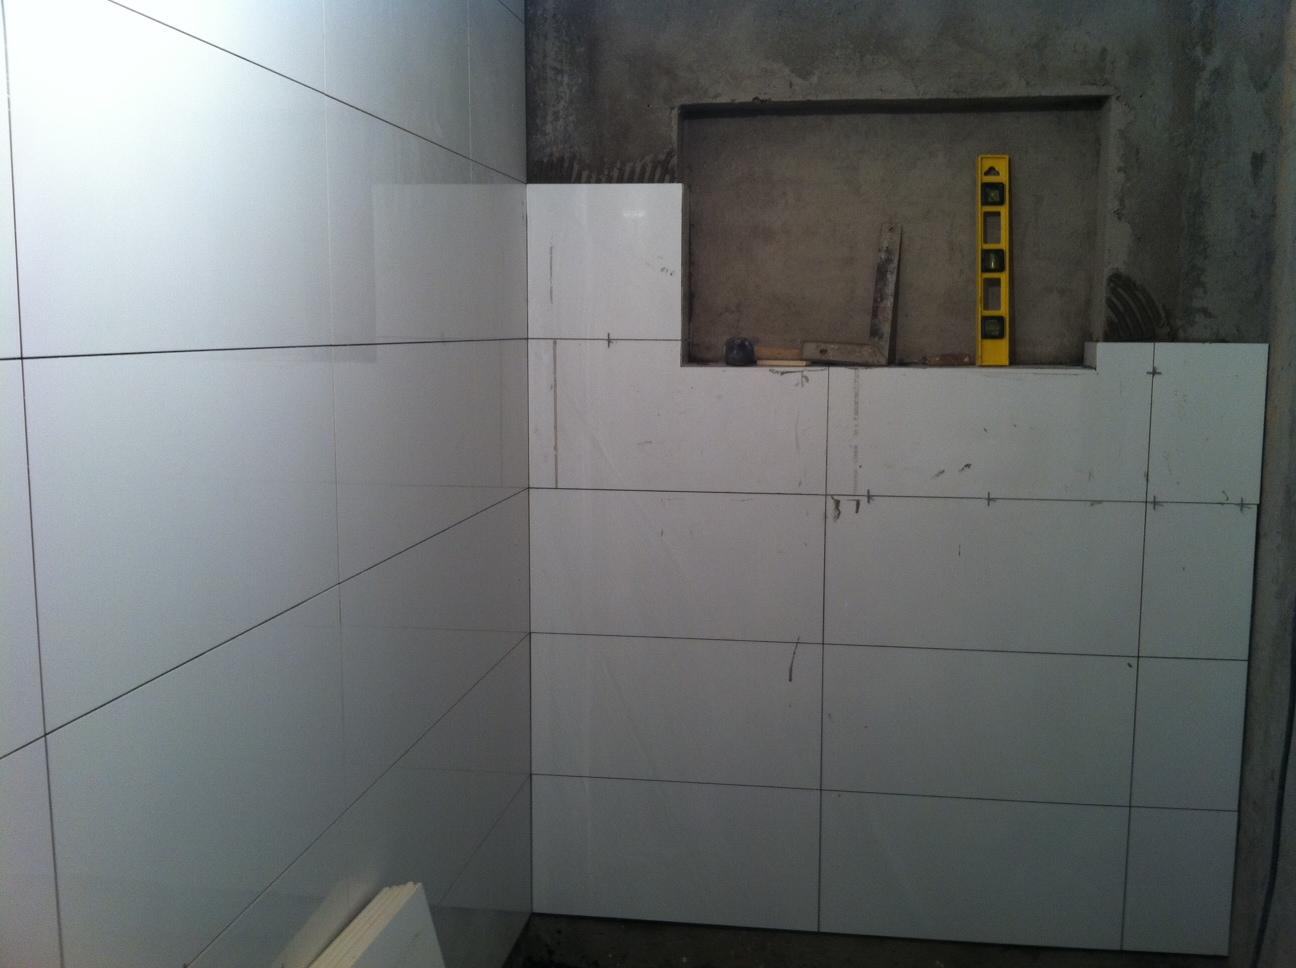 Essa foto aqui é para você ver como está ficando o banheiro maior  #746029 1296x968 Banheiro Antigo O Que Fazer